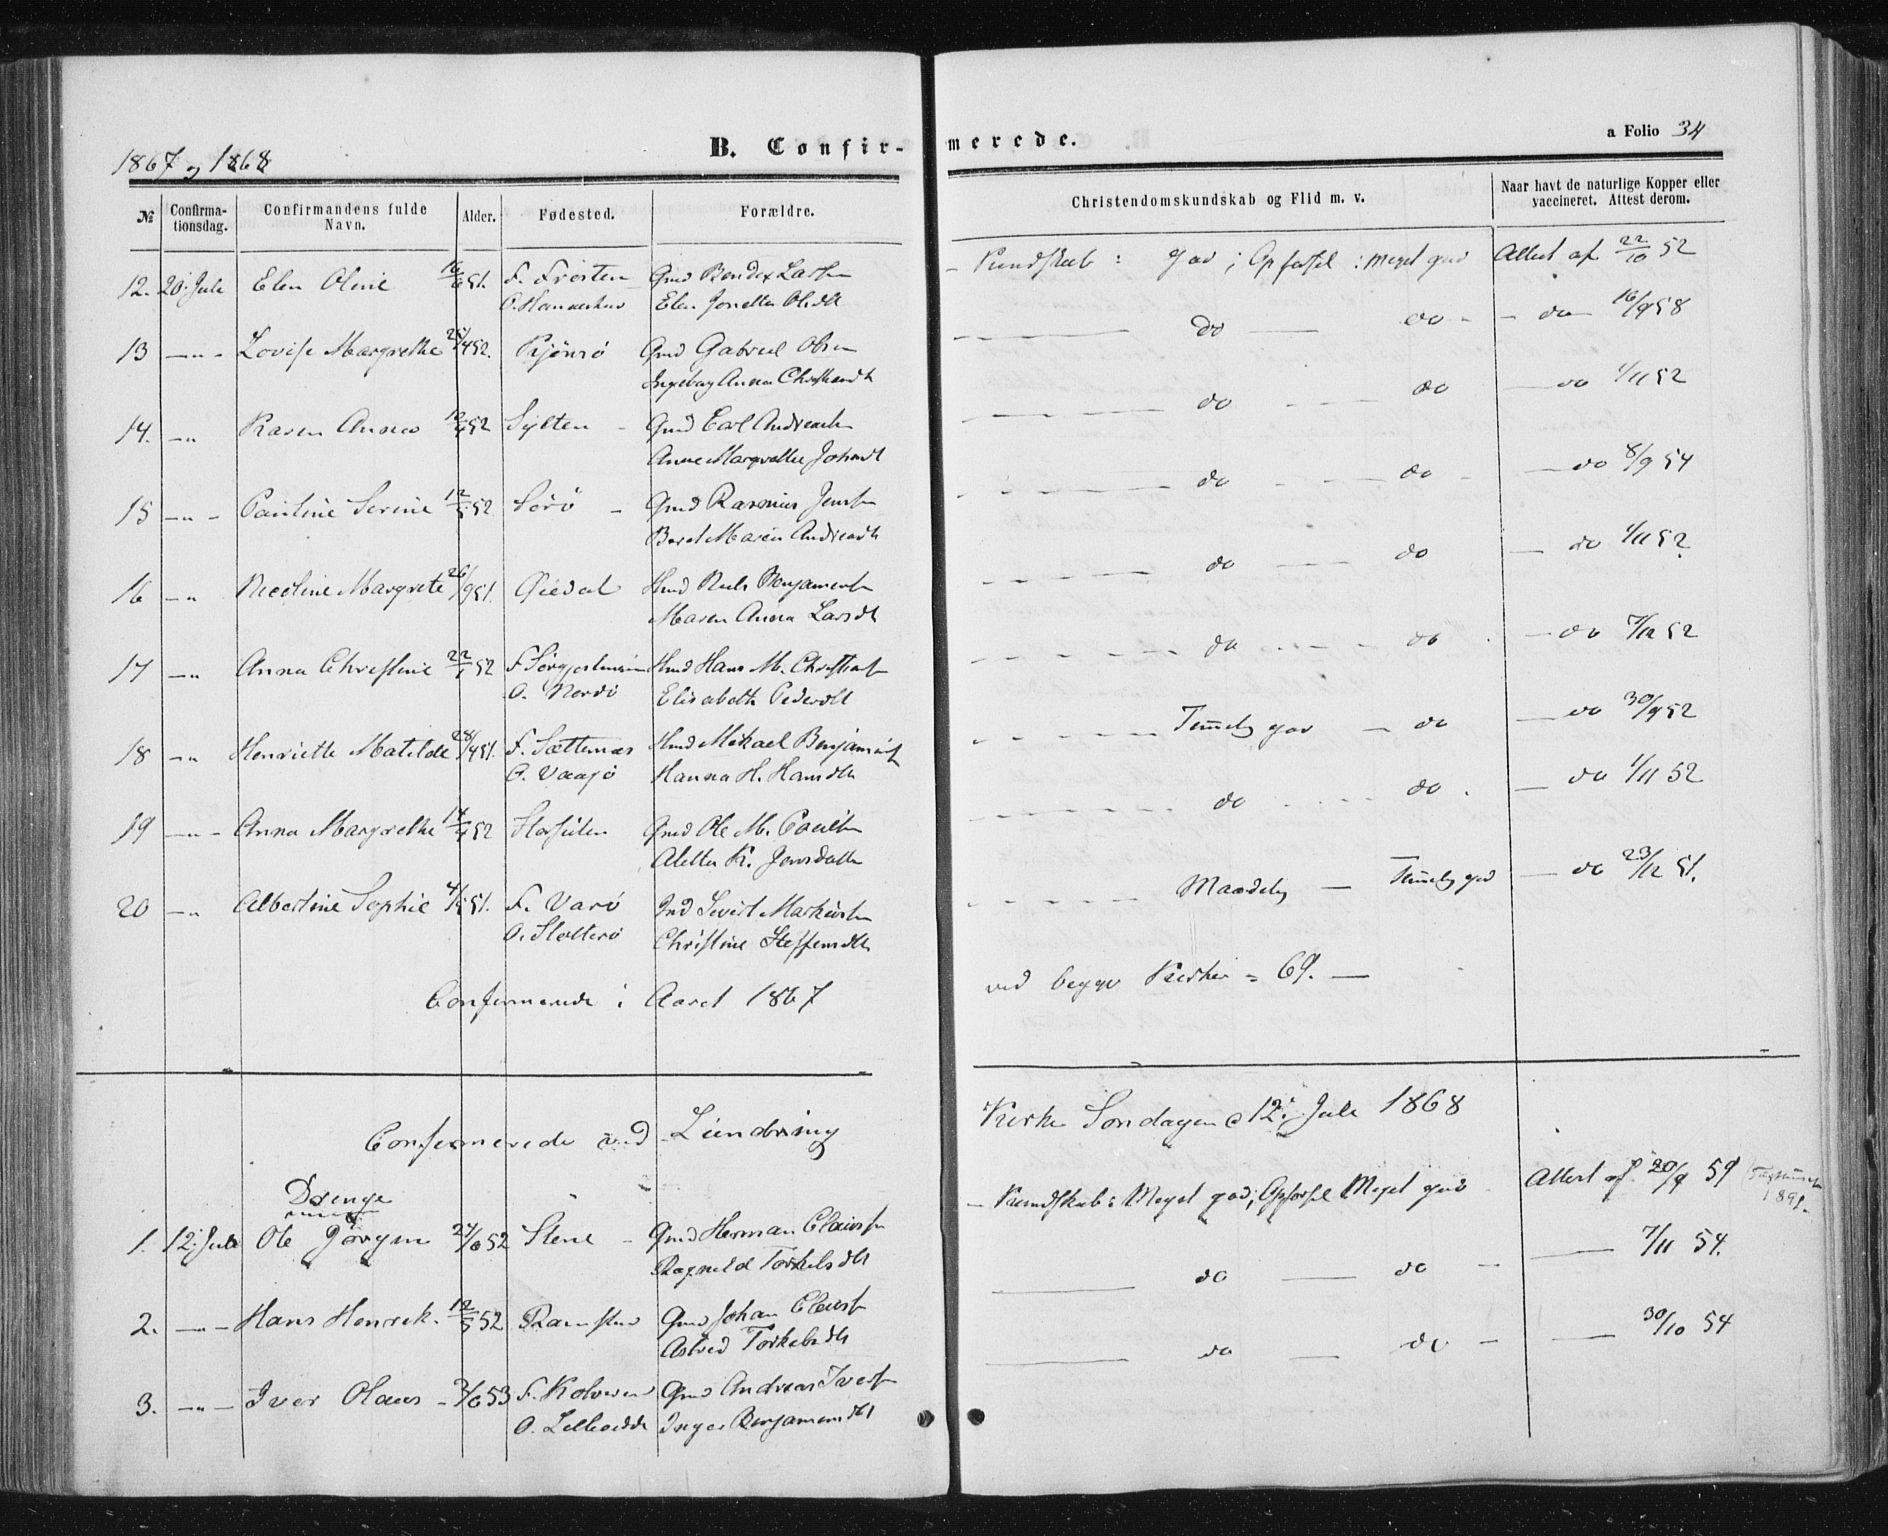 SAT, Ministerialprotokoller, klokkerbøker og fødselsregistre - Nord-Trøndelag, 784/L0670: Ministerialbok nr. 784A05, 1860-1876, s. 34